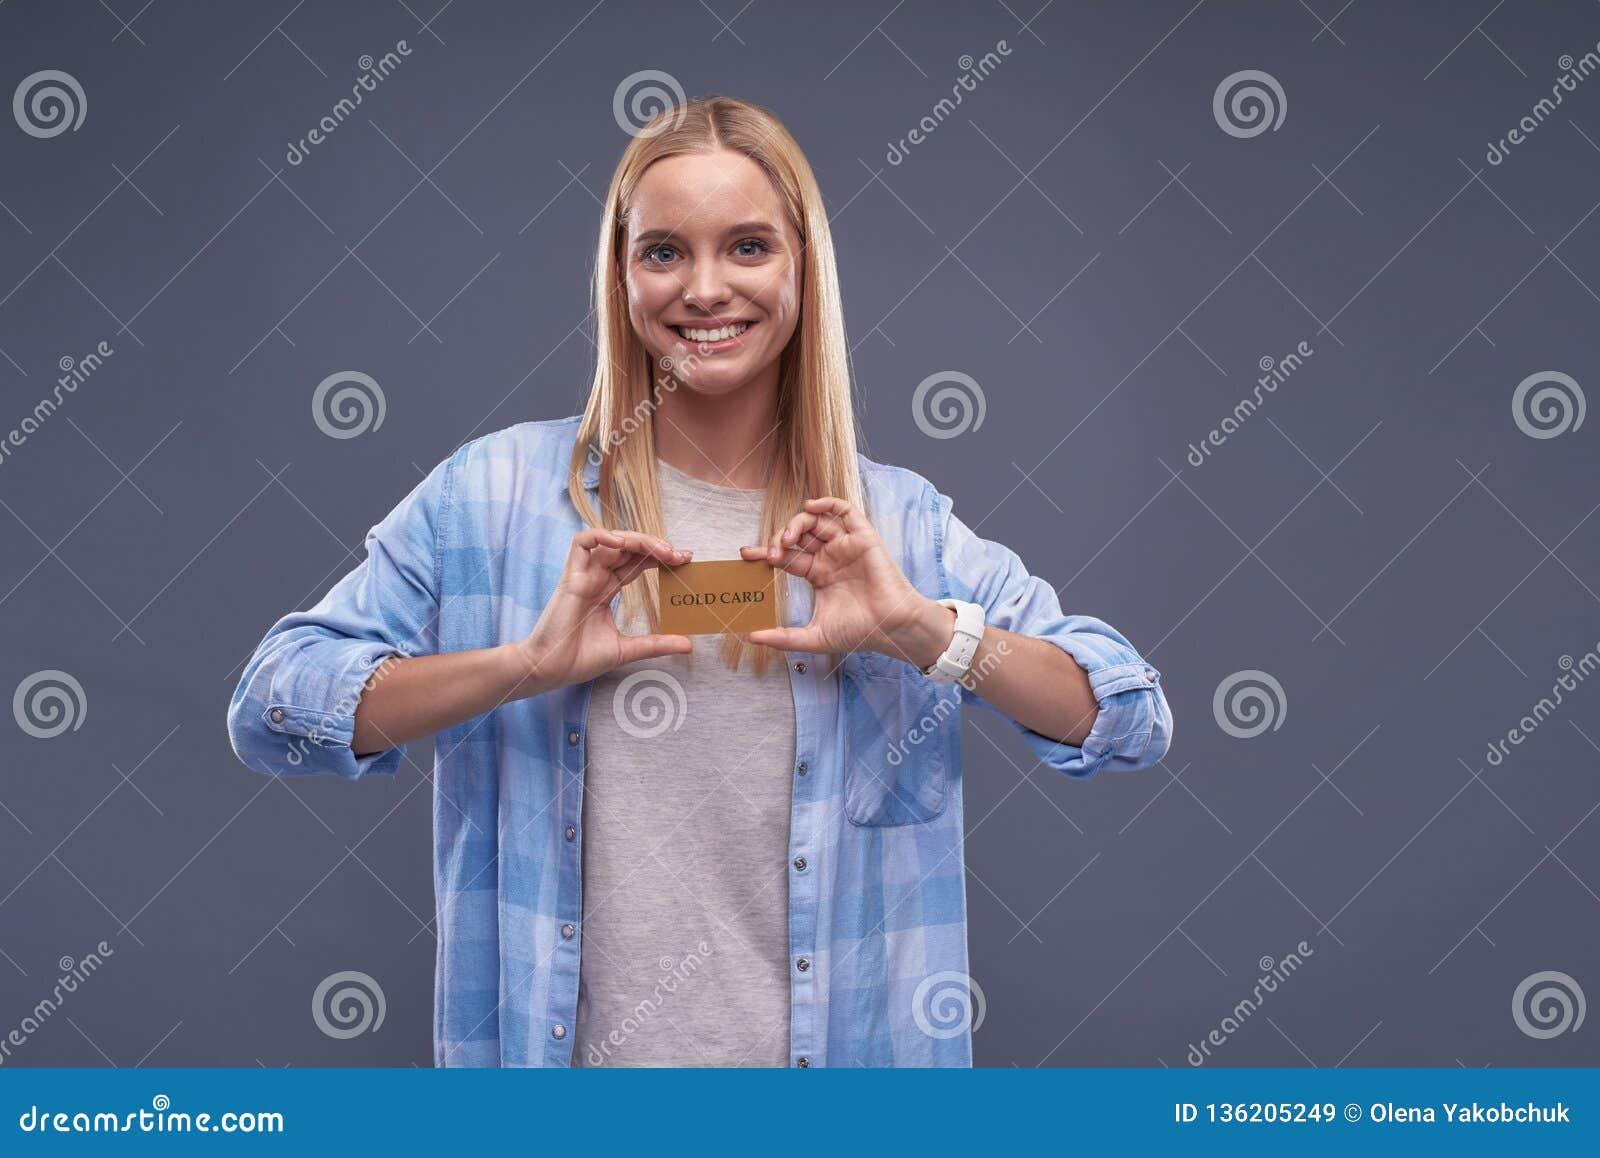 Mooie jonge dame die in blauw overhemd gouden kaart aantonen